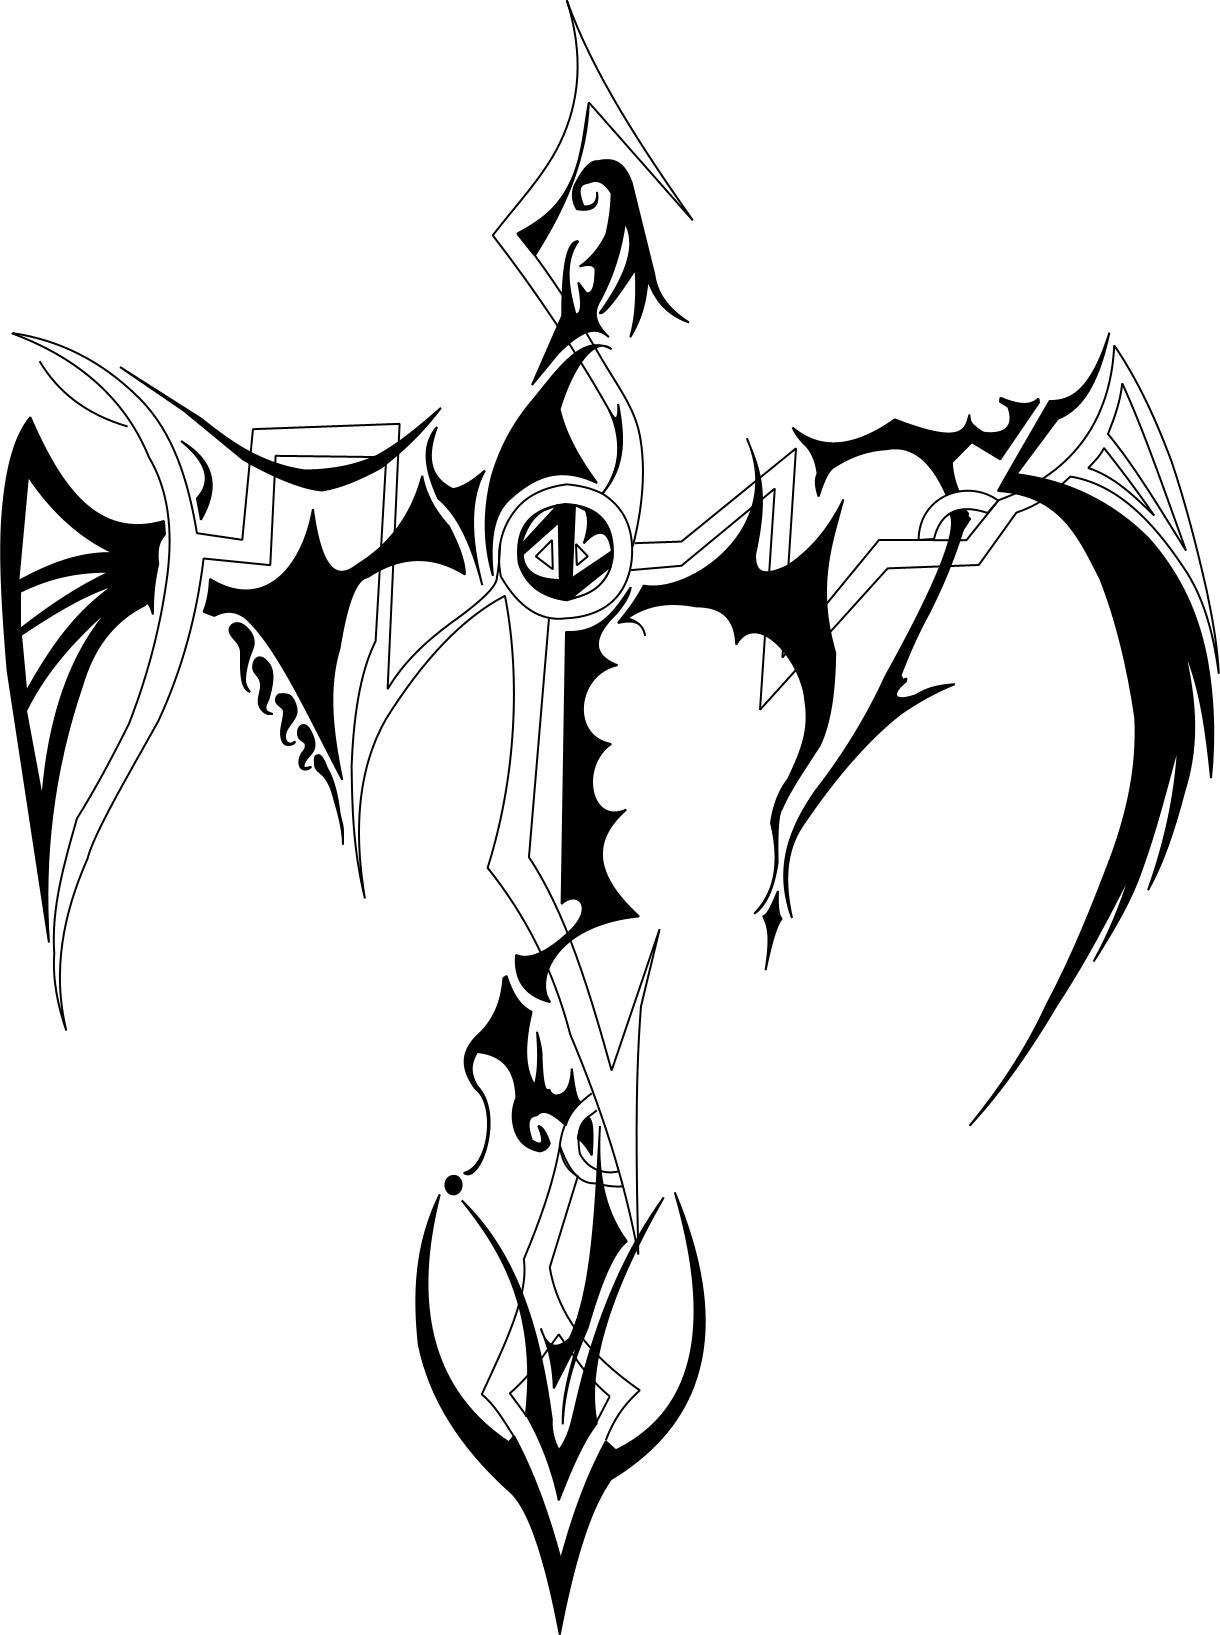 Simple Tribal Cross Tattoos